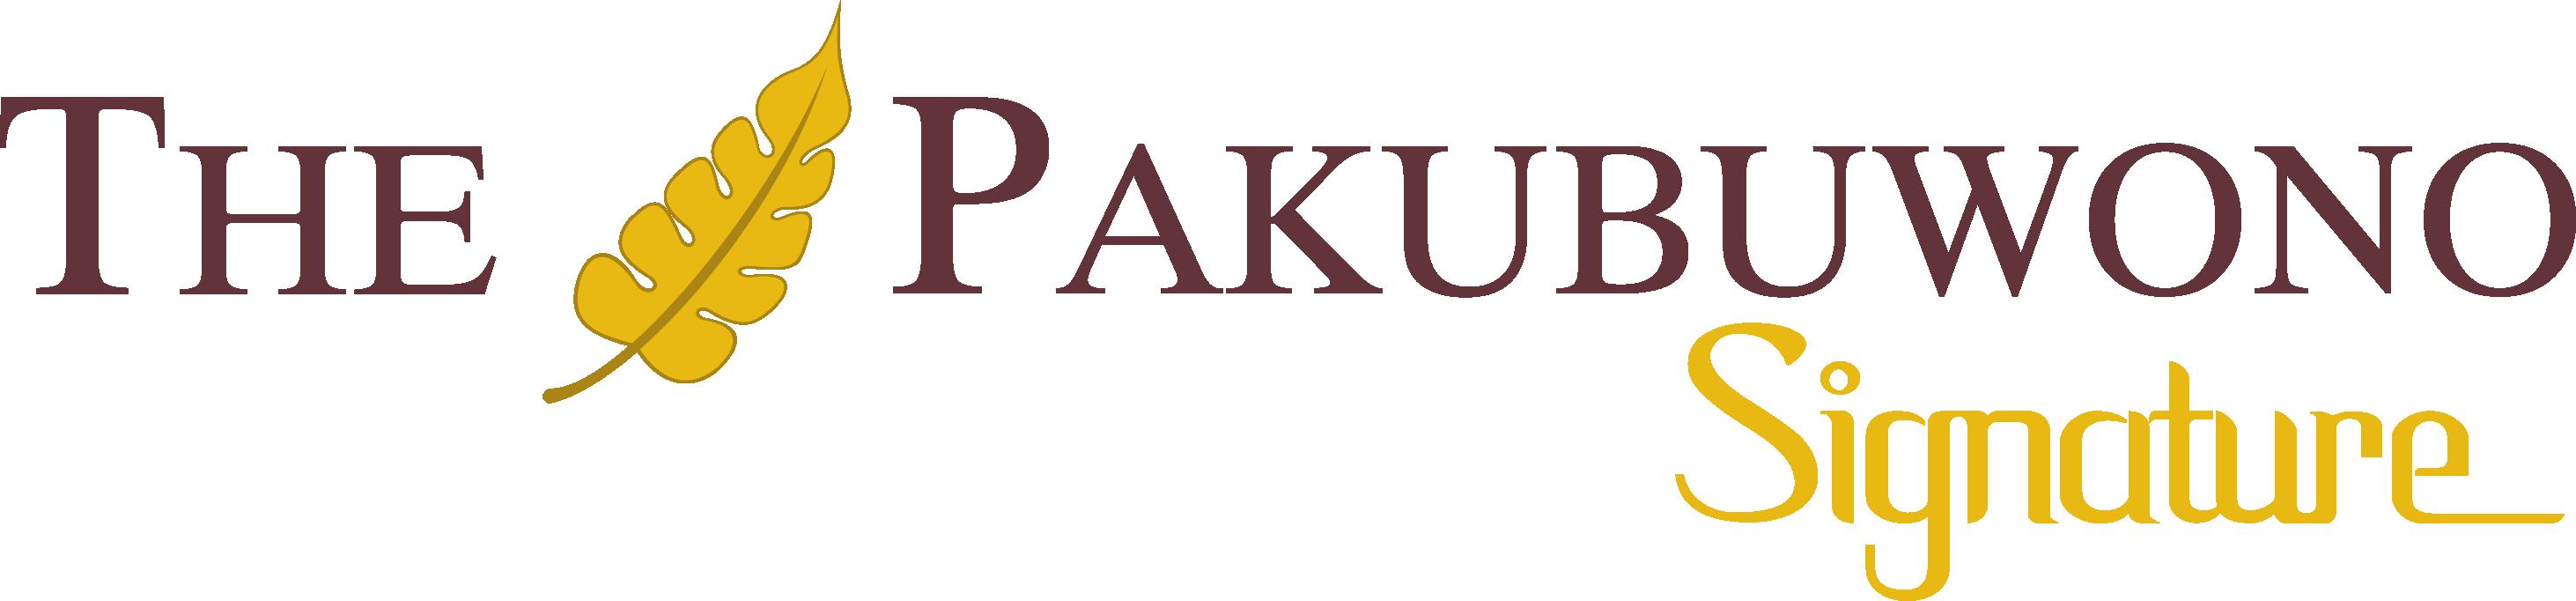 The Pakubuwono Signature